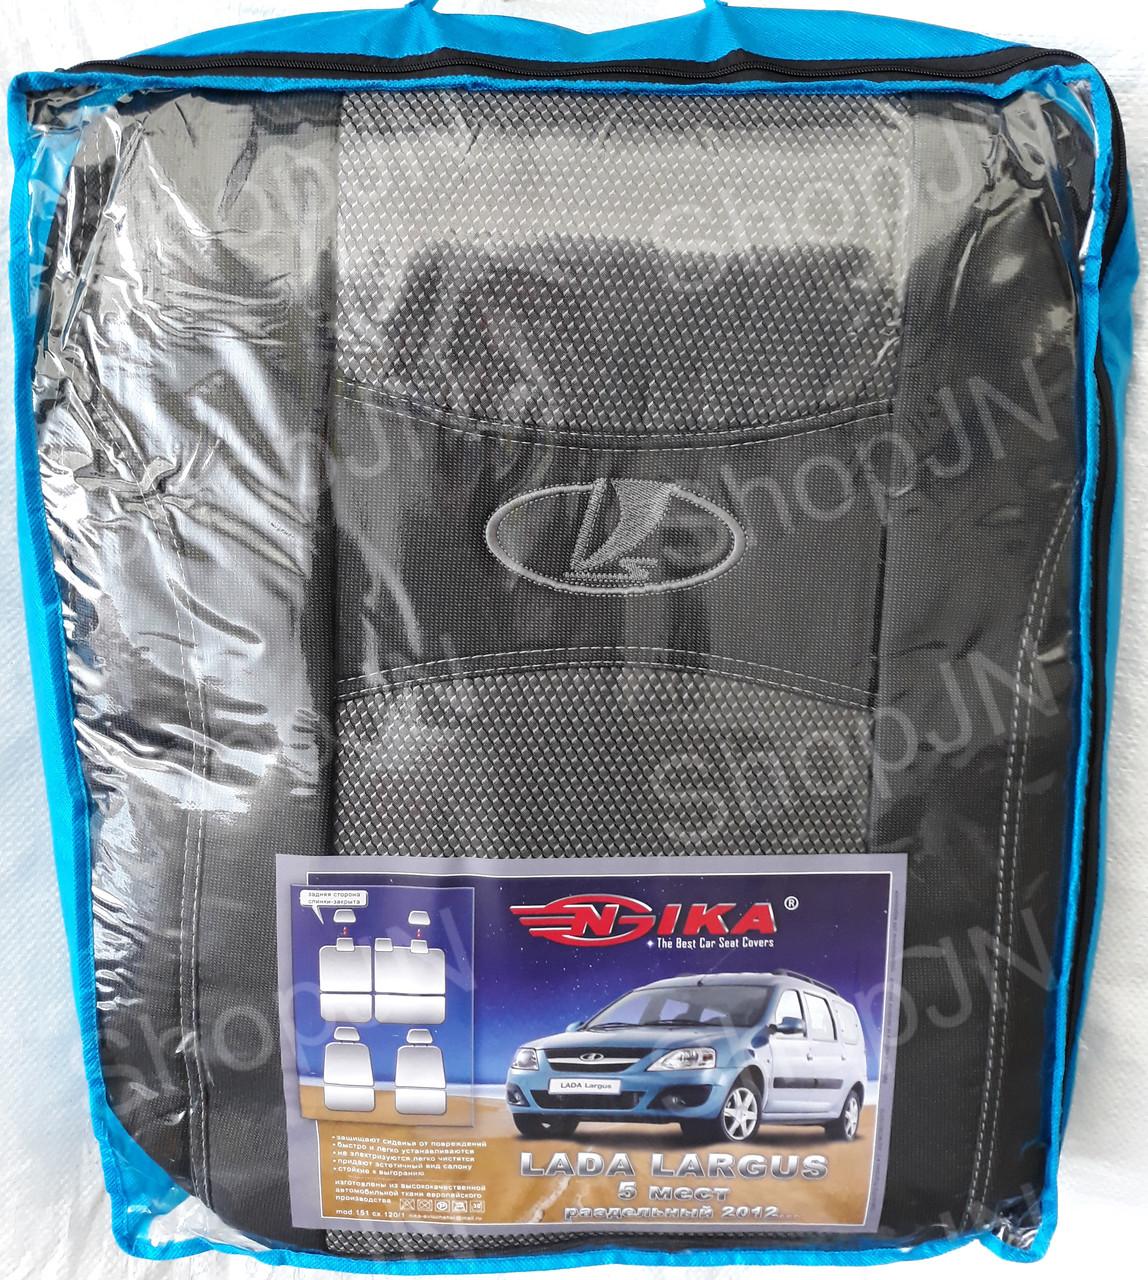 Авто чехлы Lada Largus 2012- 5 мест (раздельная) Nika